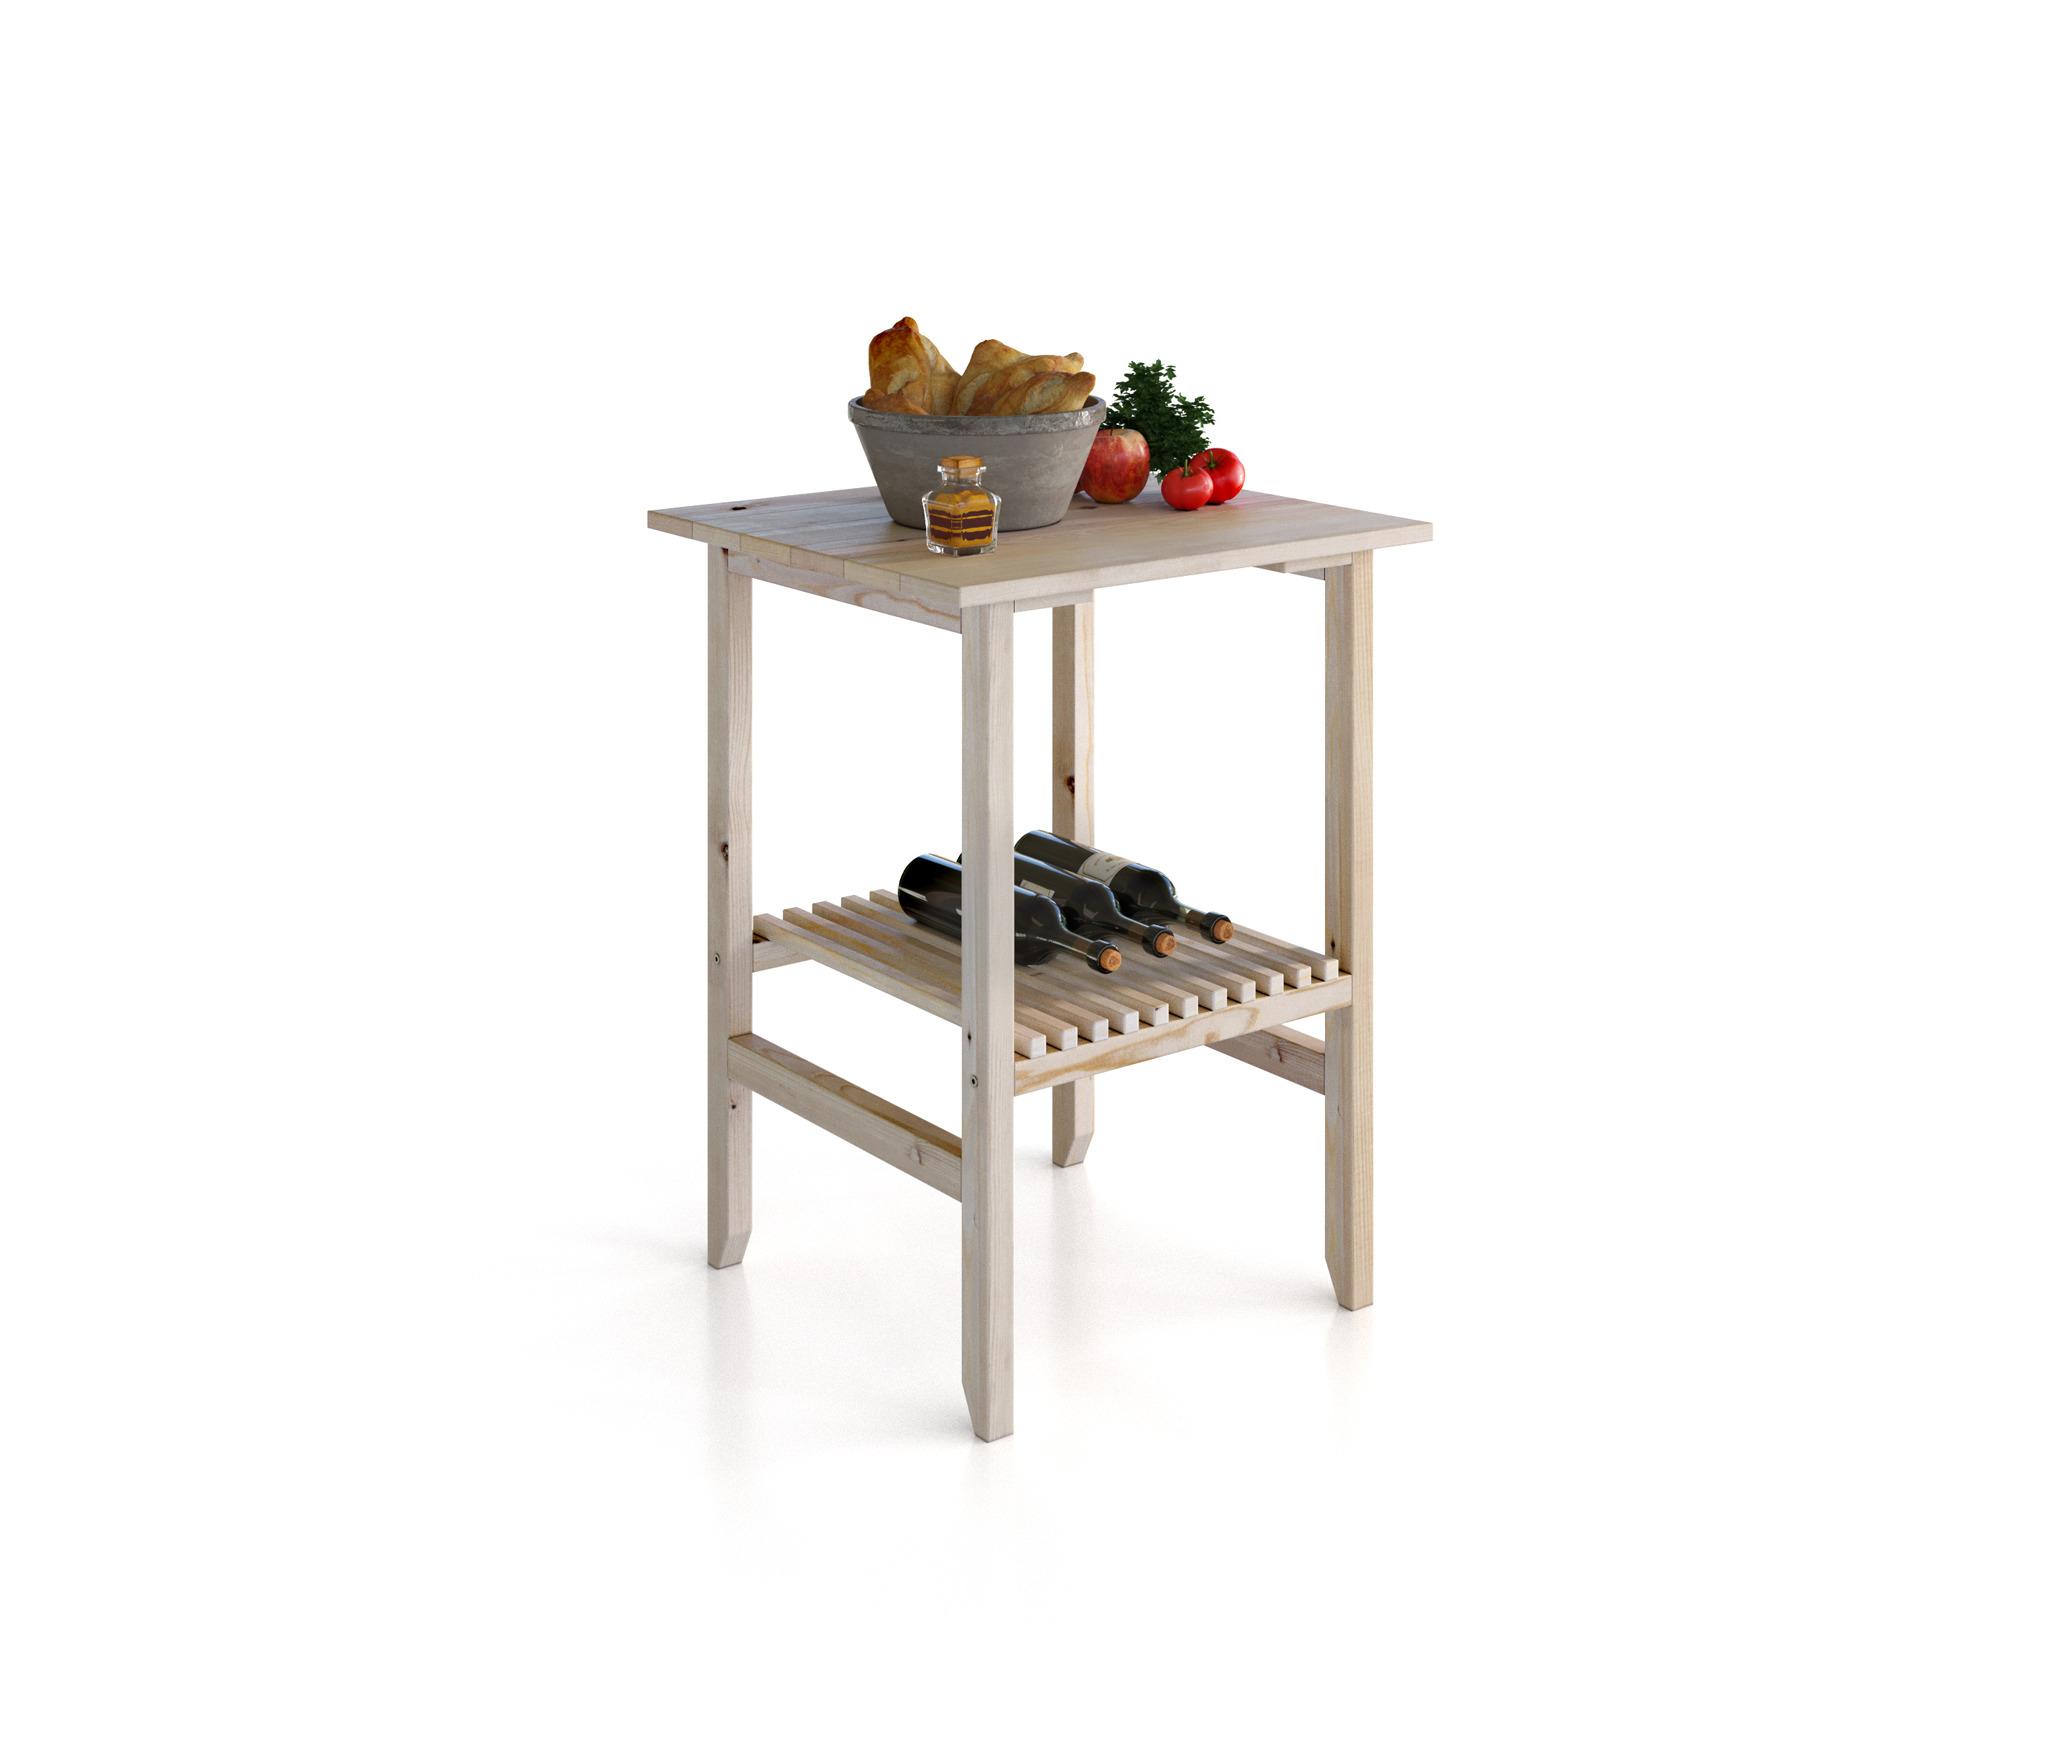 Кантри (Карелия) МС-30 столик соснаСопутствующие<br>Садовый стол  Карелия  изготовлен из массива сосны с лаконичным дизайном в стиле кантри. Все элементы стола отполированы до гладкости, а текстура древесины придаст интерьеру веранды или беседки особый домашний уют. Главным украшением стола является специальная полочка, набранная из тщательно подогнанных маленьких дощечек. Столик может использоваться как журнальный или же кофейный. Этот столик сделан исключительно ручными инструментами, из экологически чистого материала   древесины сосны. Этот материал прочен, устойчив к различным жизненным перипетиям, и к тому же обладает красивой натуральной текстурой, которая хорошо проявляется при обработке.&#13;ВНИМАНИЕ! Перед началом эксплуатации вне помещений, необходимо обработать деревянные части мебели специализированными защитными составами!&#13;]]&gt;<br><br>Длина мм: 580<br>Высота мм: 768<br>Глубина мм: 540